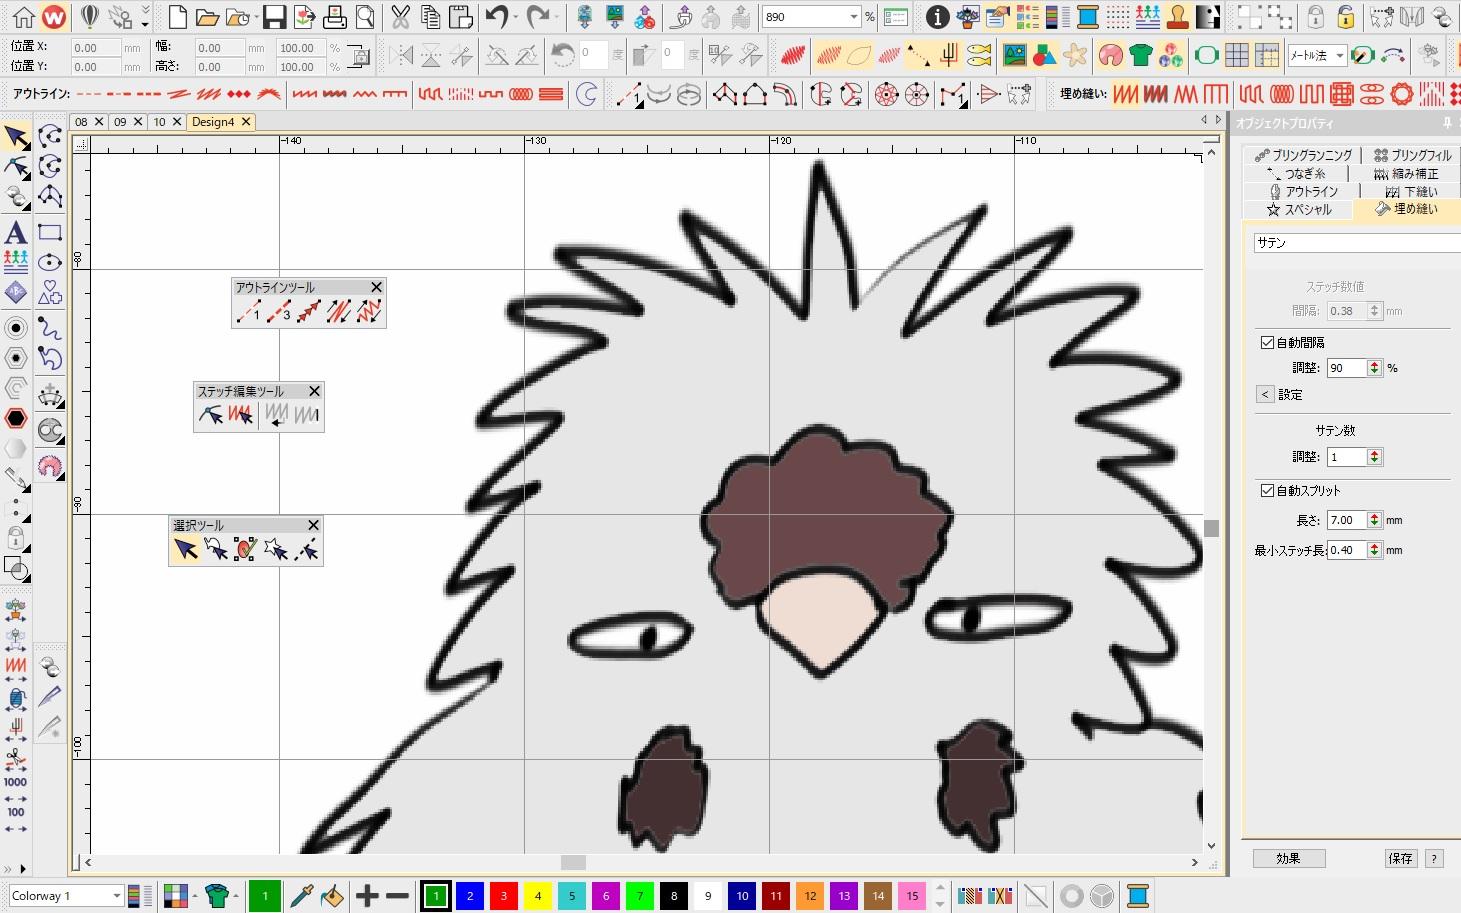 新刺繍CD企画 その20 ユニークな刺繍データ製作♪